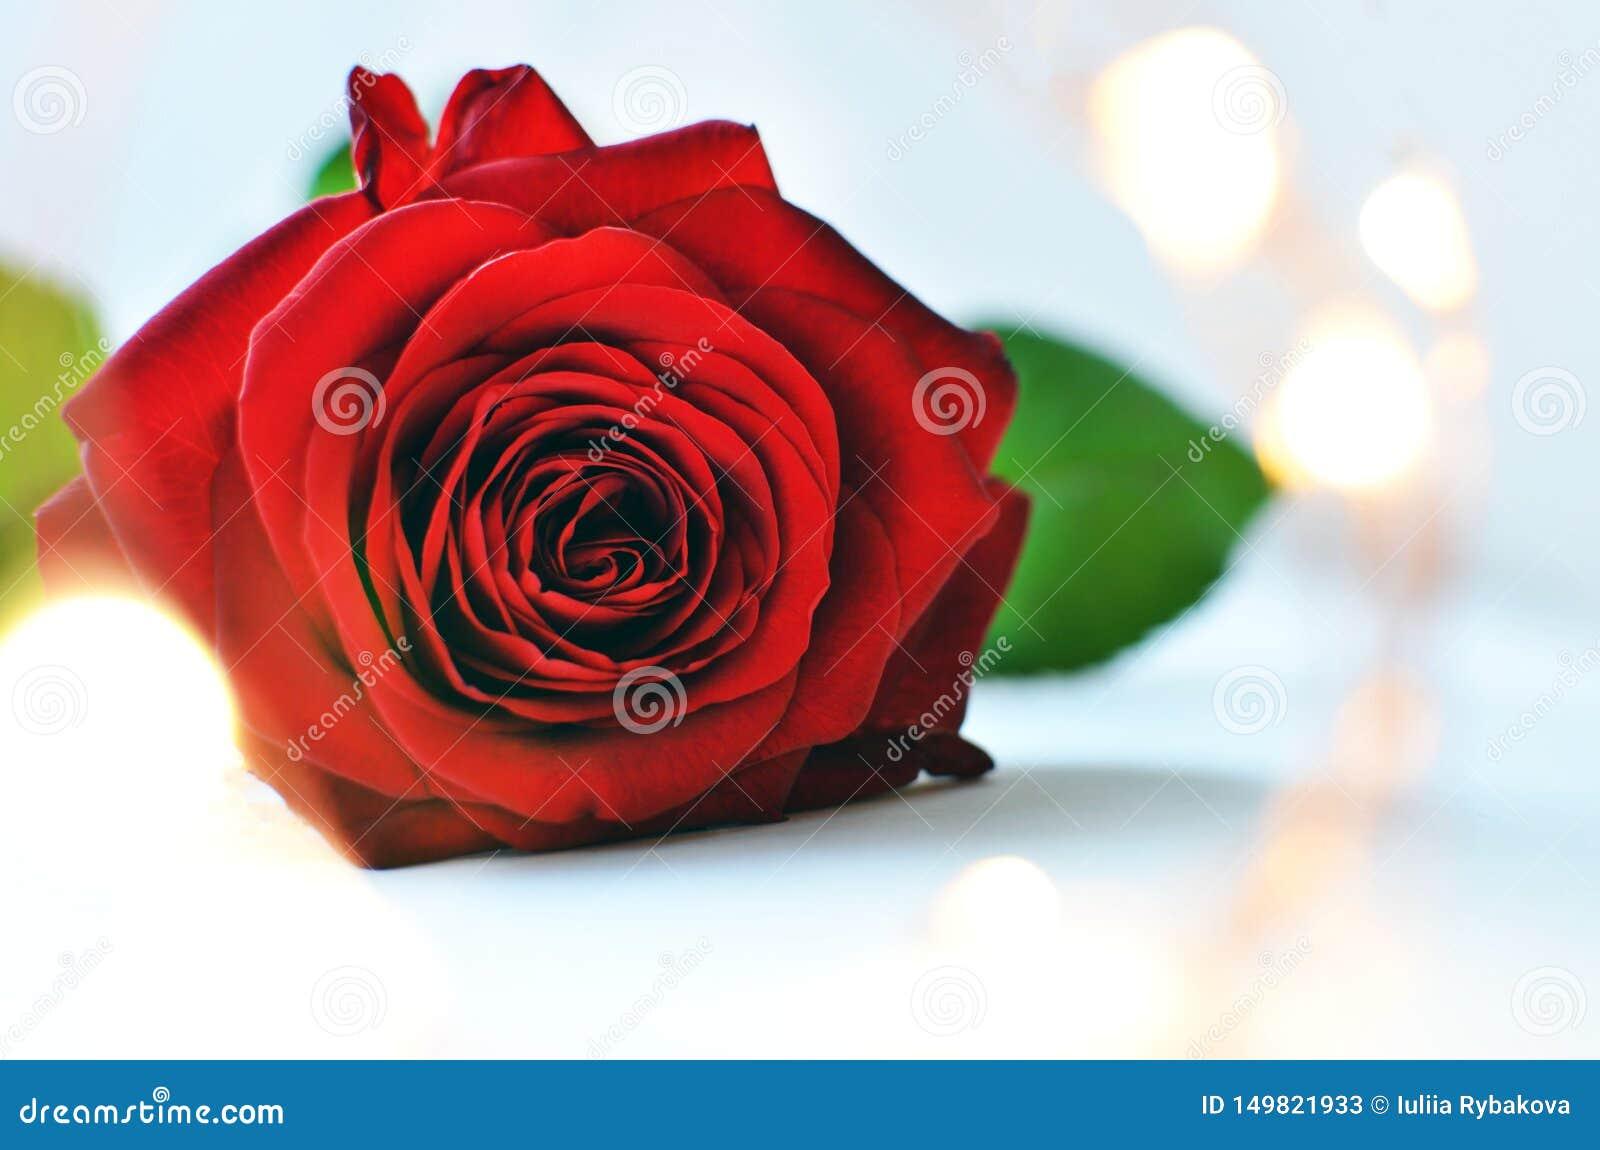 Rosa vermelha em claro - close-up do fundo azul e das luzes feericamente com espaço para o texto